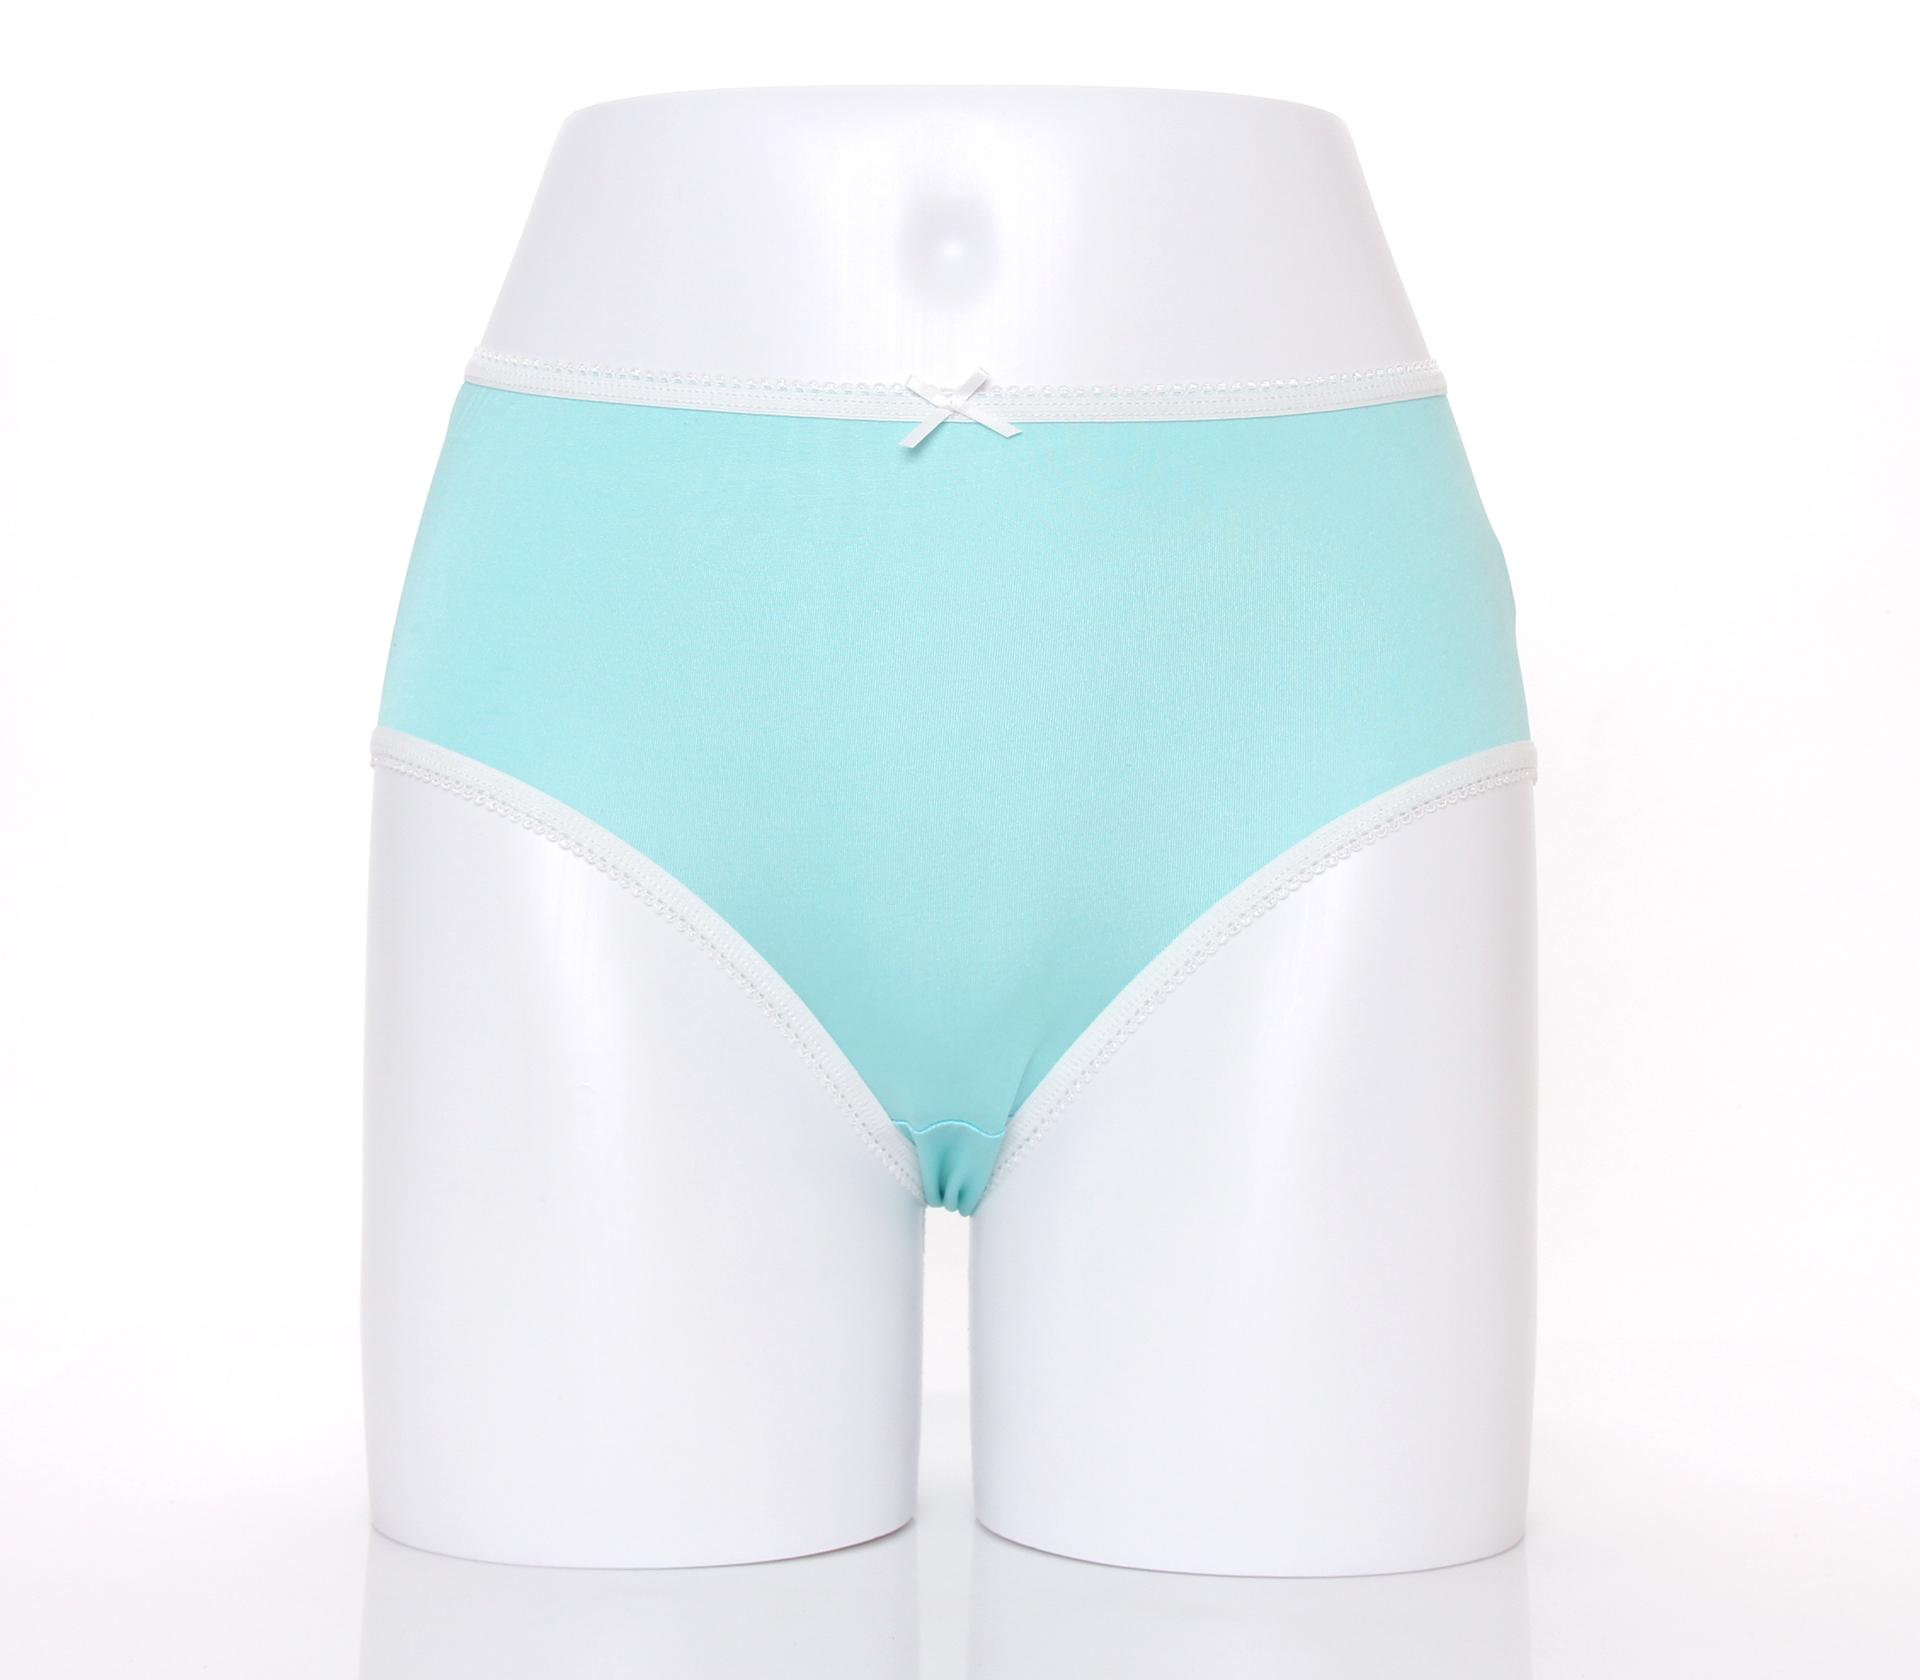 闕蘭絹清新甜美100%蠶絲內褲-2211(綠)